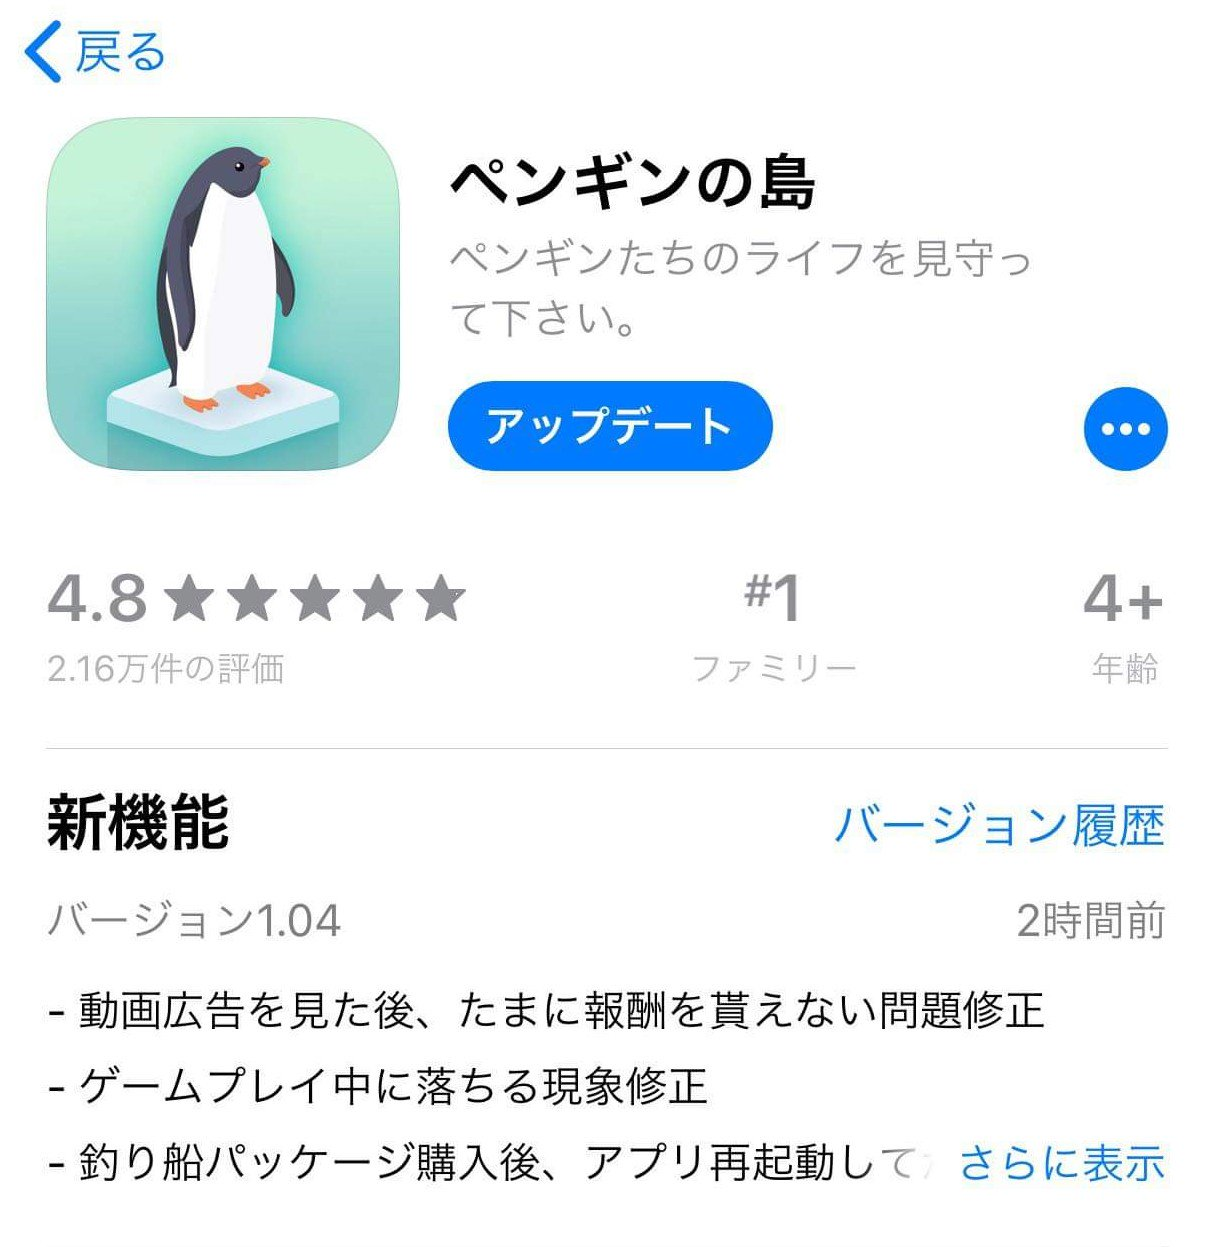 補償 島 ペンギン の オフライン